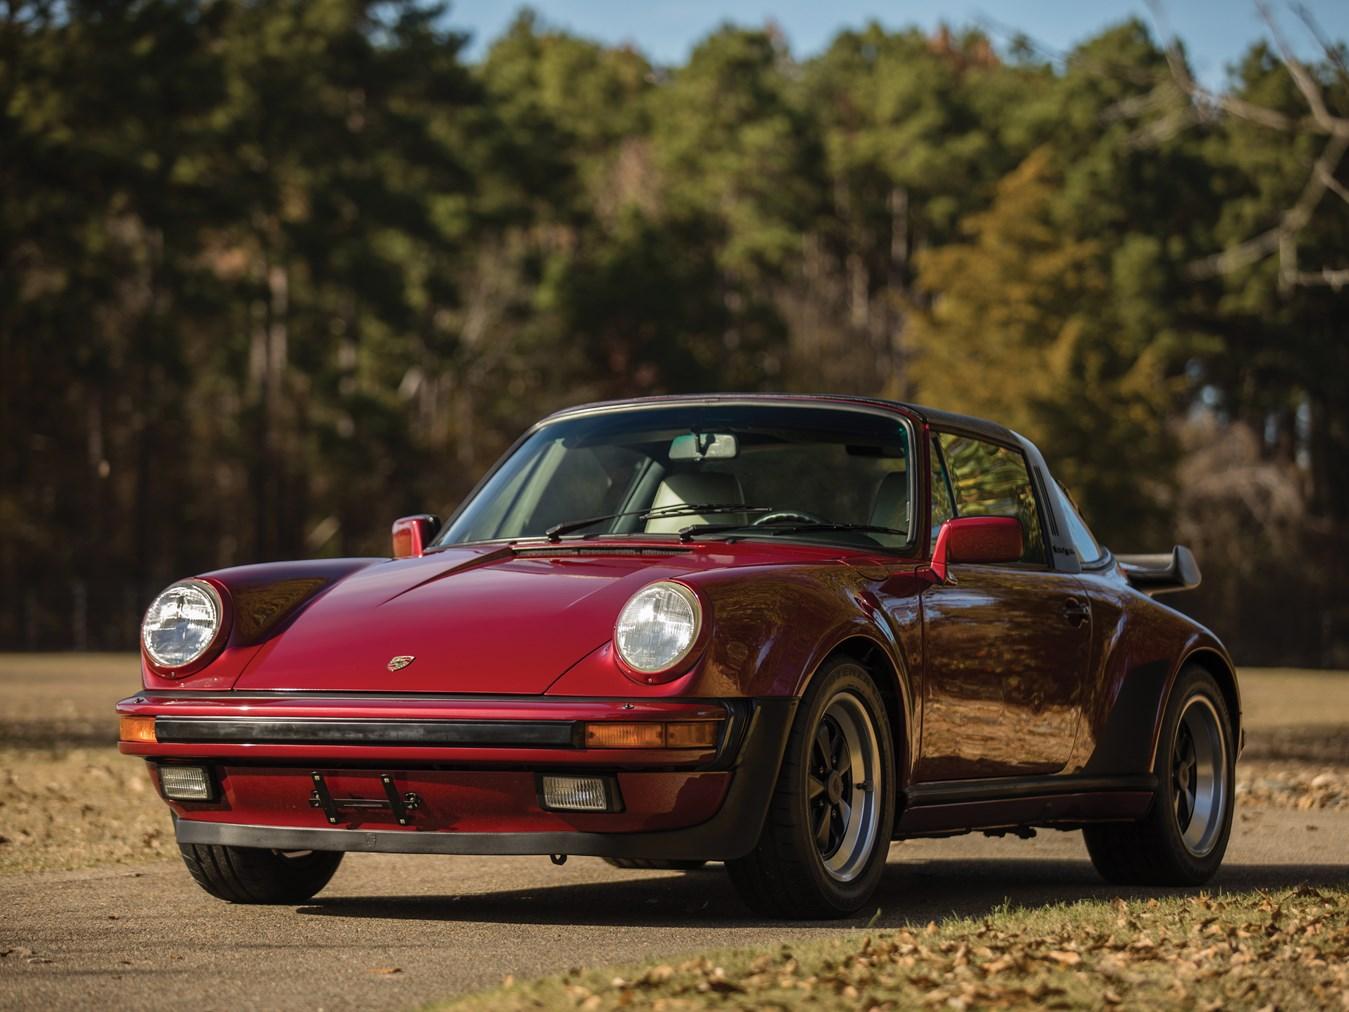 1989 Porsche 911 Turbo Targa RM Sotheby's